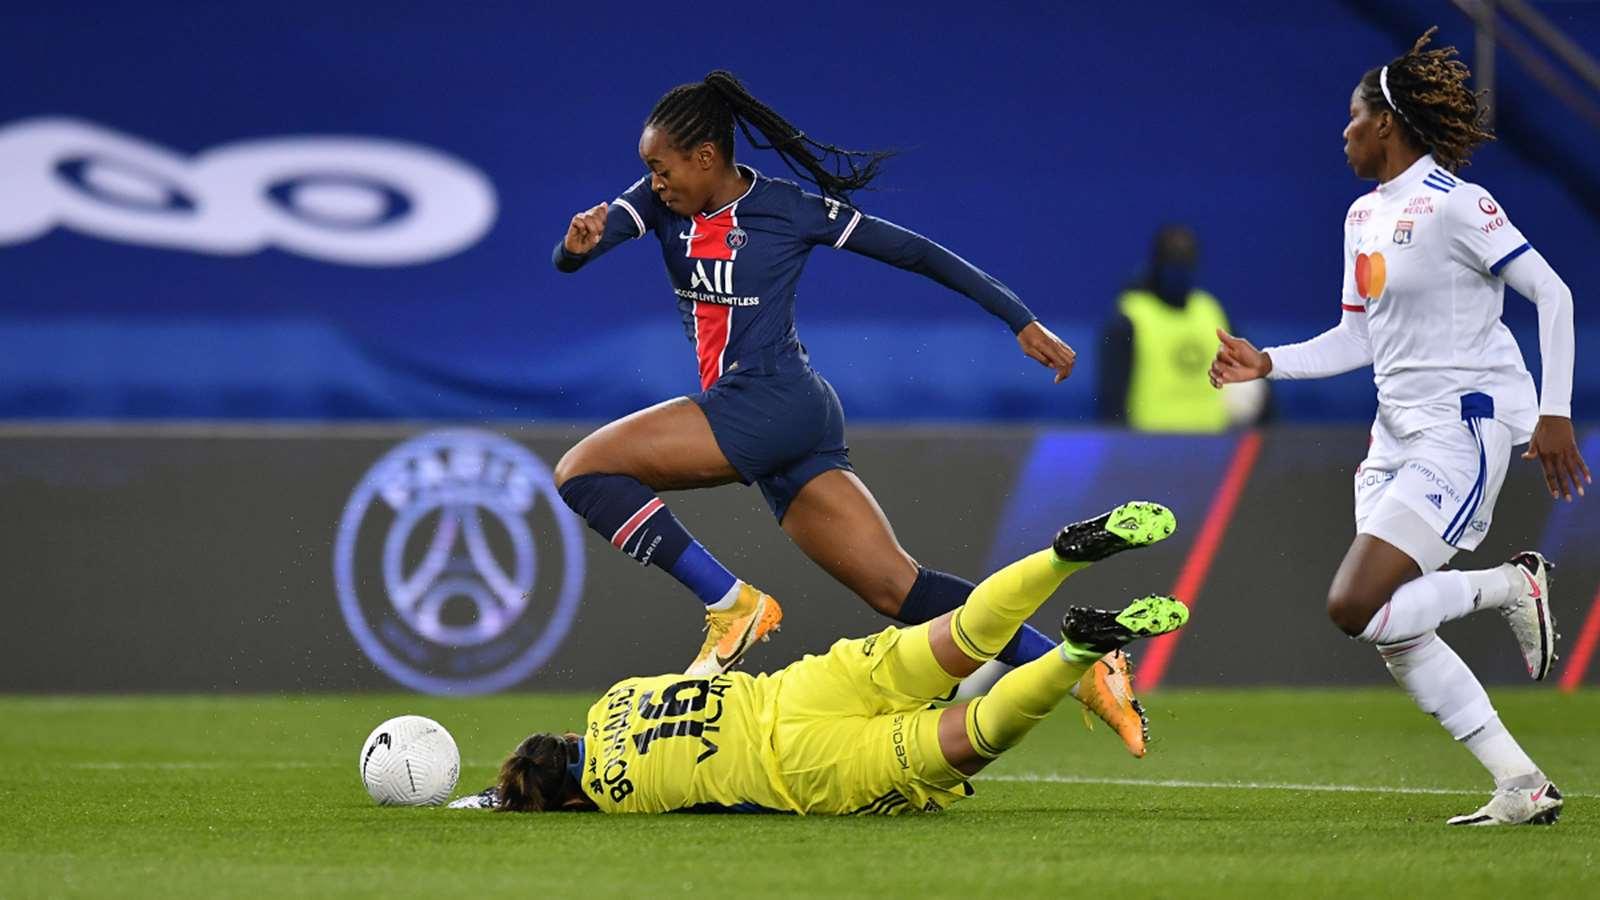 'ทีมปารีสเกือบจะแข็งแกร่งพอ ๆ กับทีมลียง' – อดีตผู้จัดการลียงกับชัยชนะของ  เปแอสเช เฟมมินิน